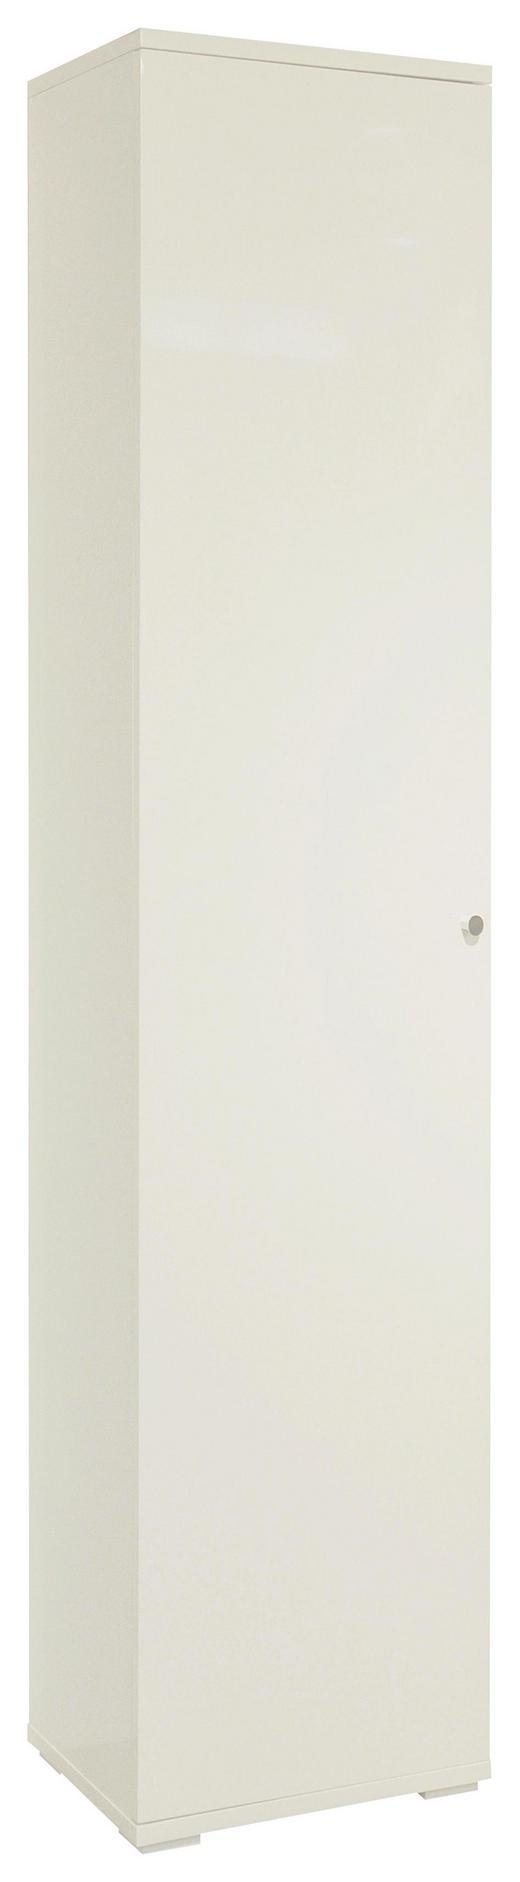 SCHUHSCHRANK Hochglanz, lackiert Weiß - Chromfarben/Weiß, Design, Holzwerkstoff/Metall (40/197/37cm) - Xora